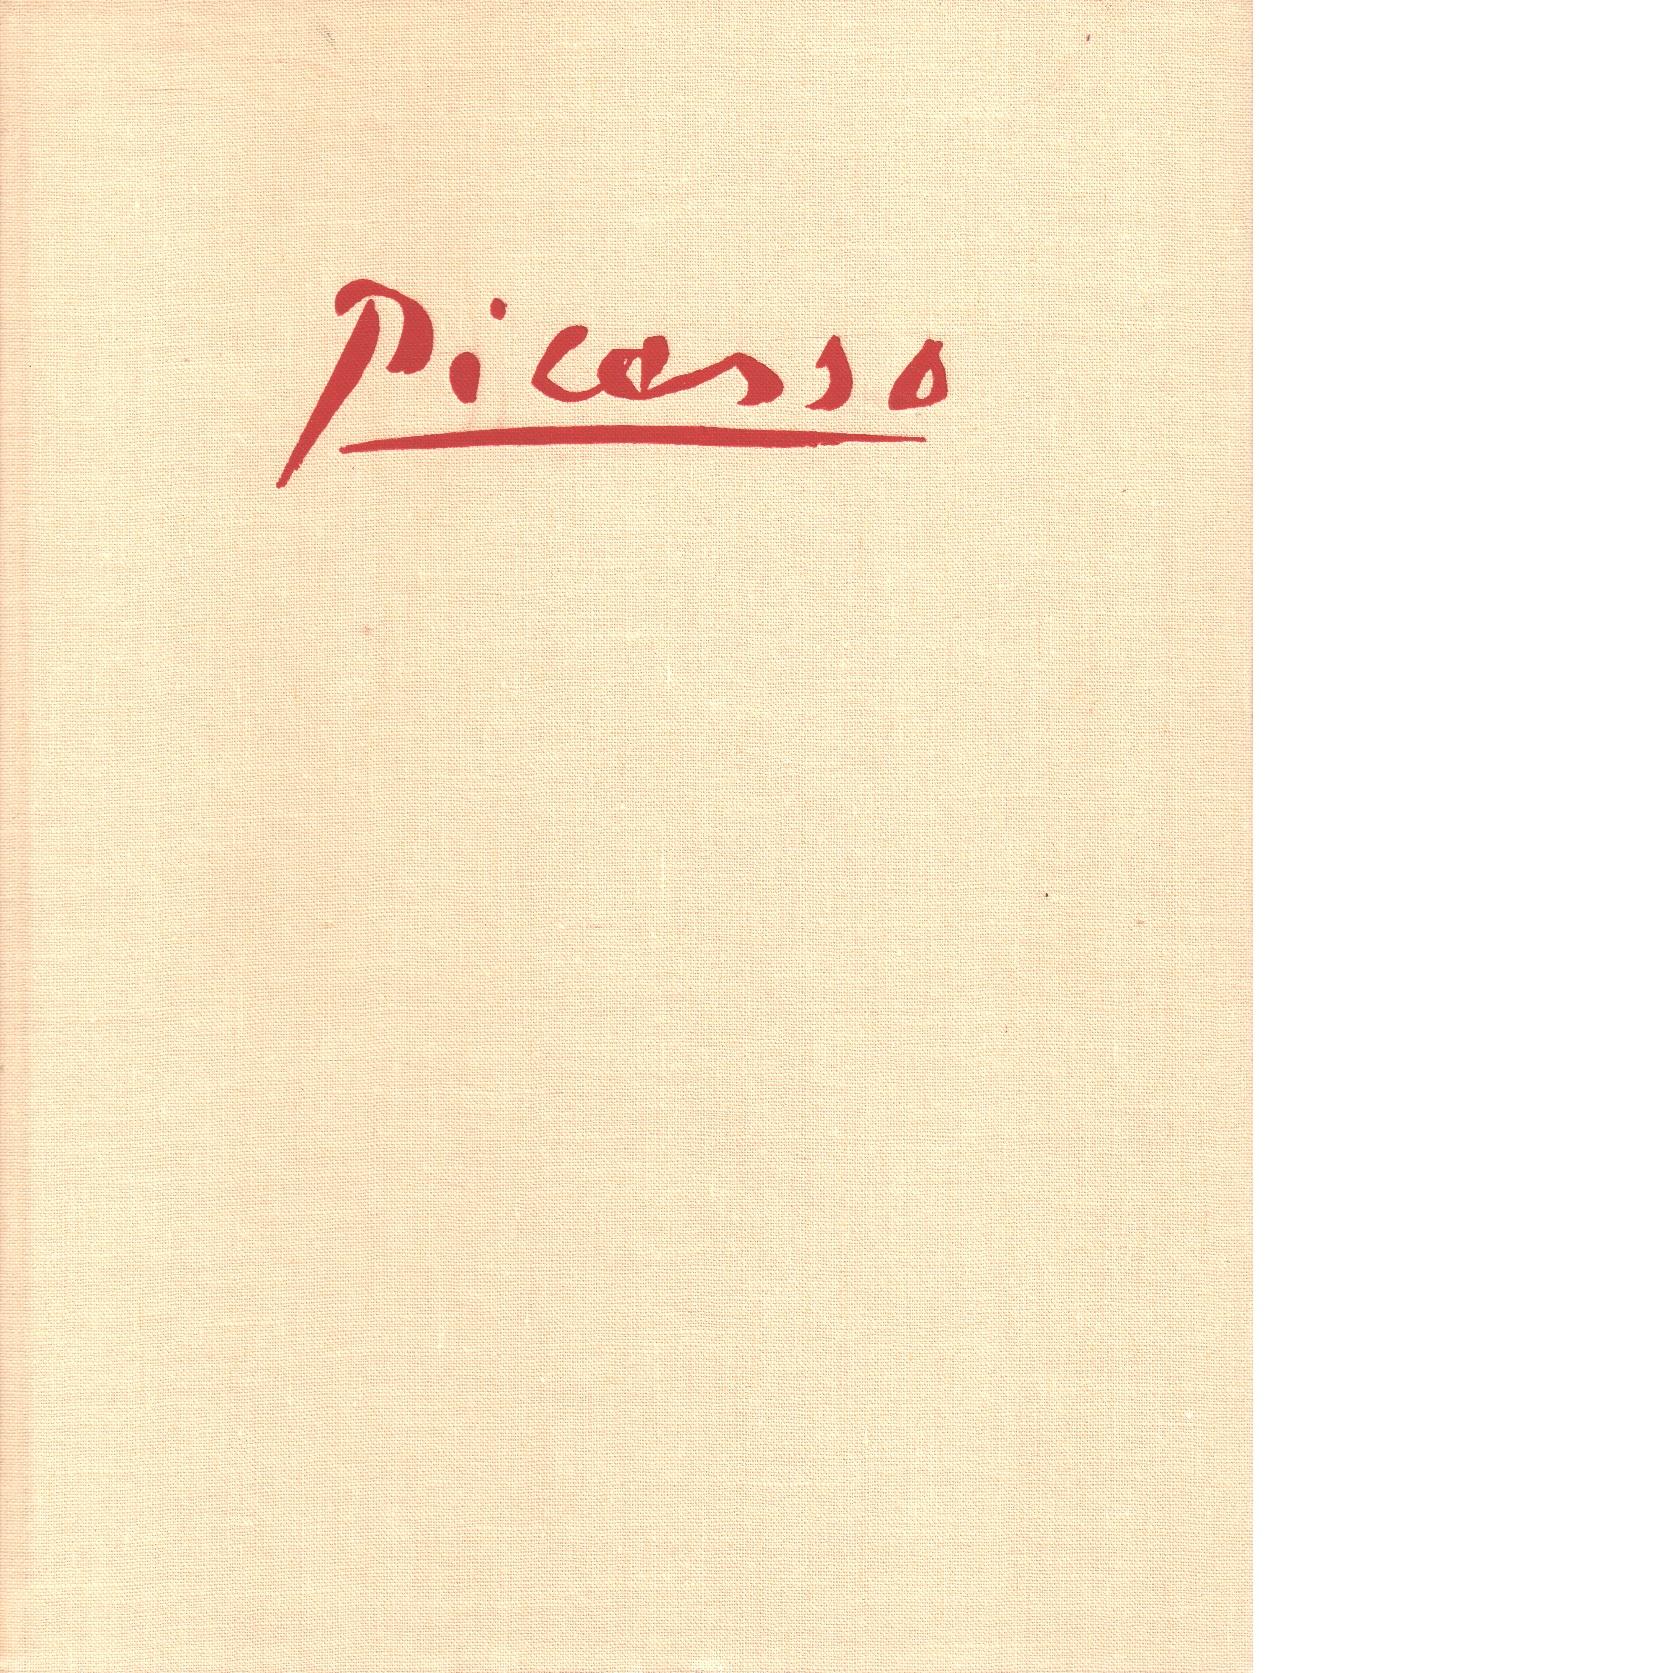 Picasso - Diehl, Gaston